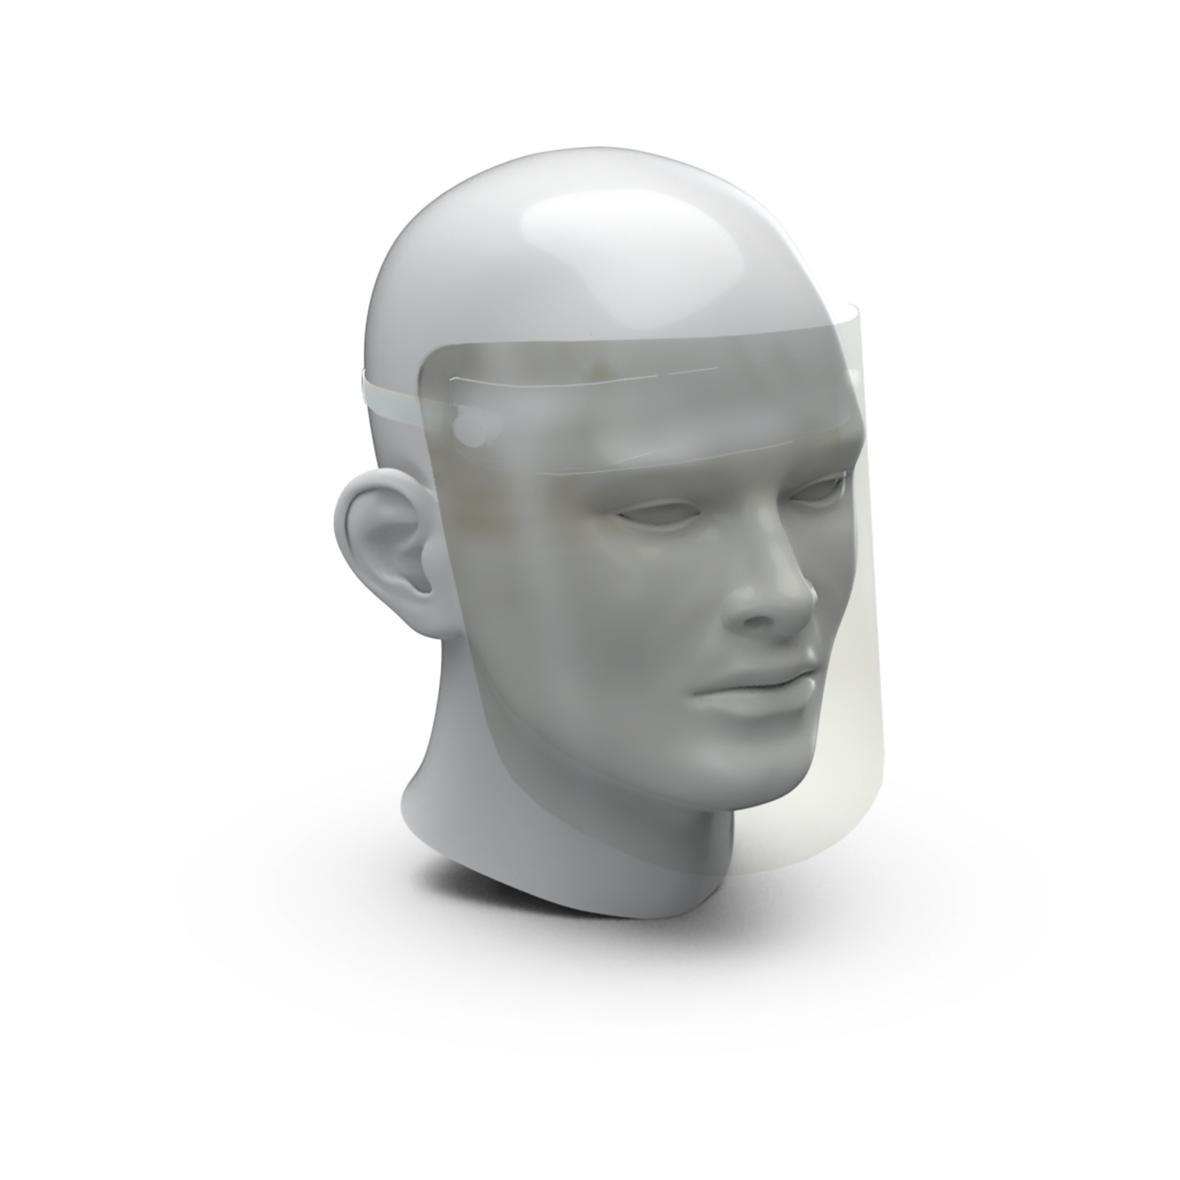 Gesichtsschirm